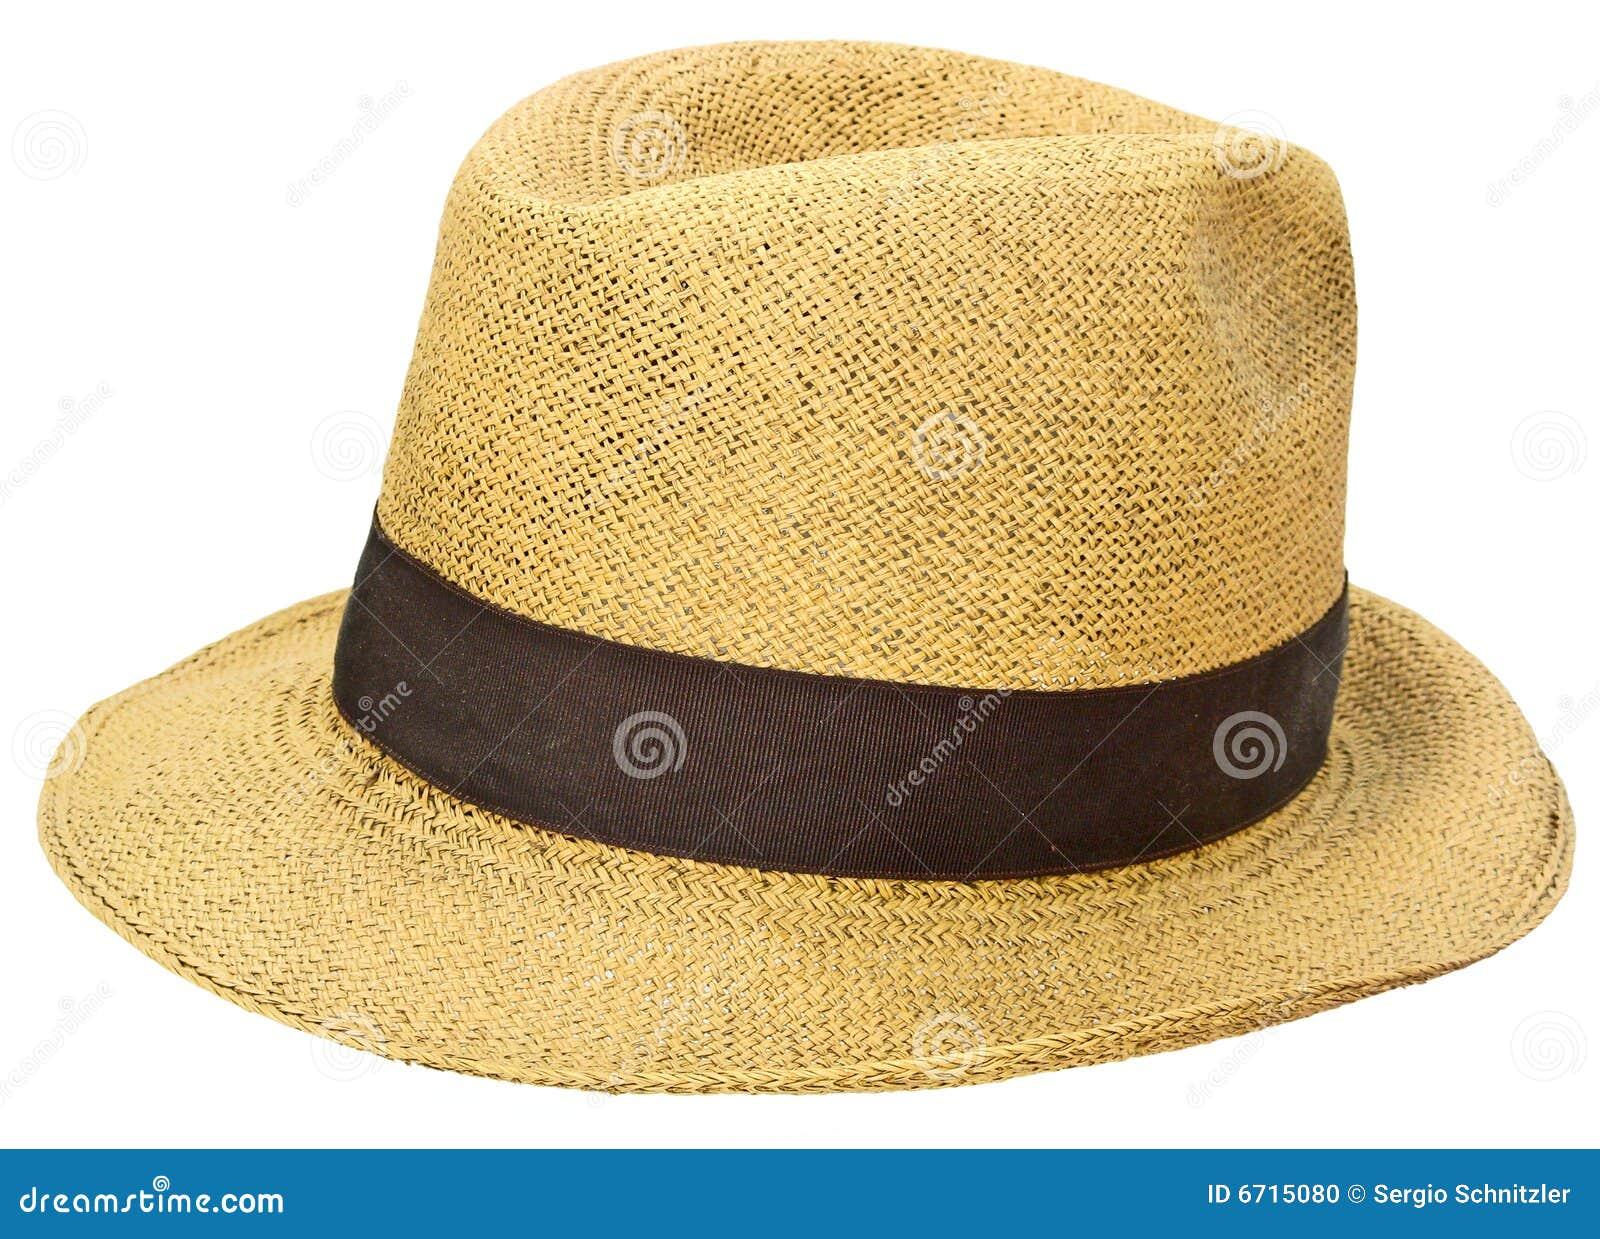 Sombrero de paja panameño